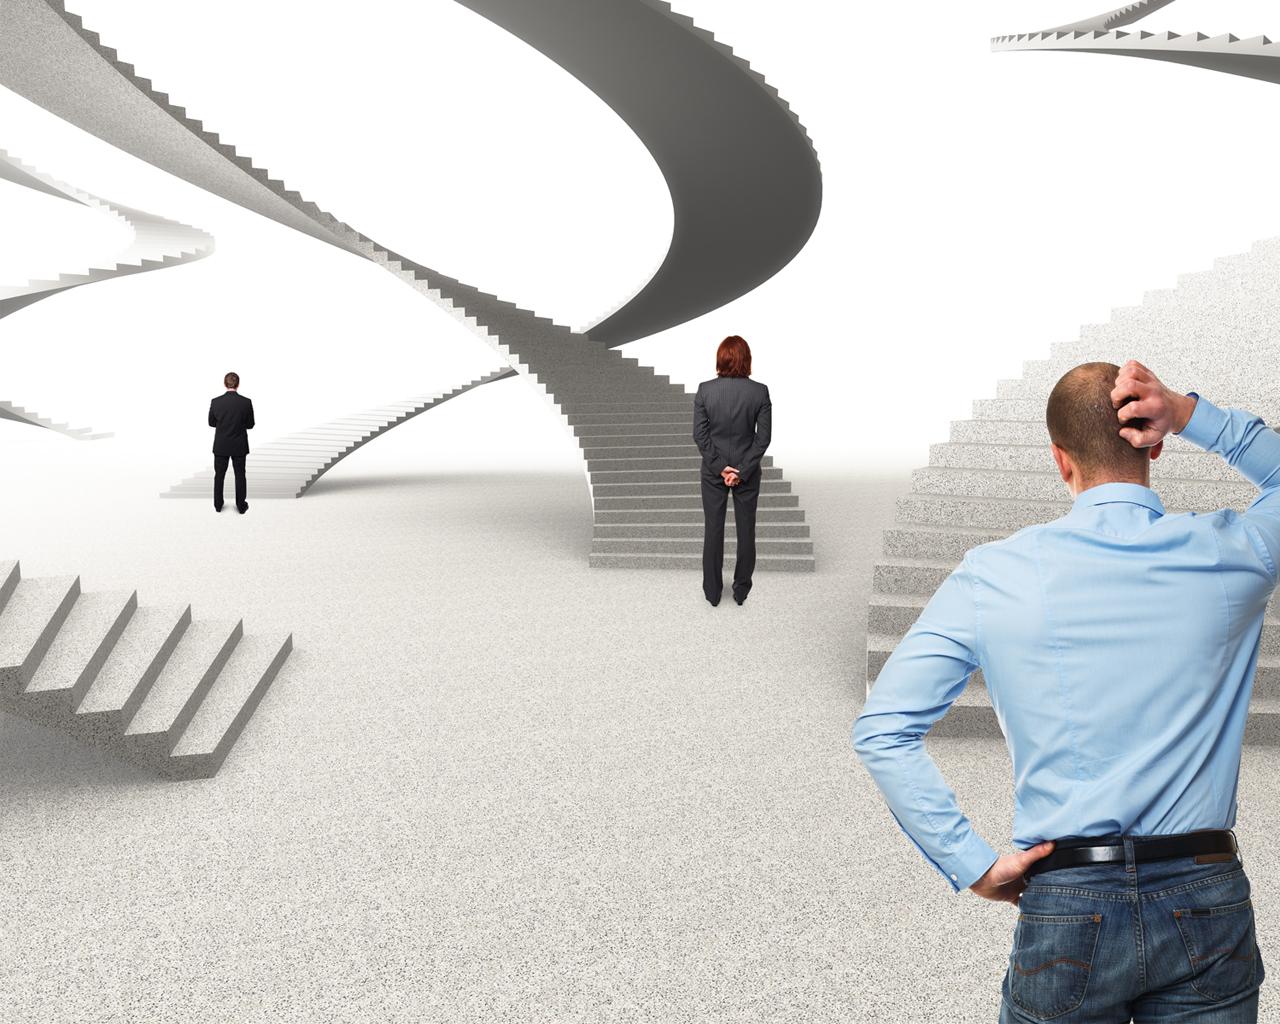 http://www.ergazomenos.gr/FileVault/fbUploads/career-steps-powerpoint-backgrounds.jpg